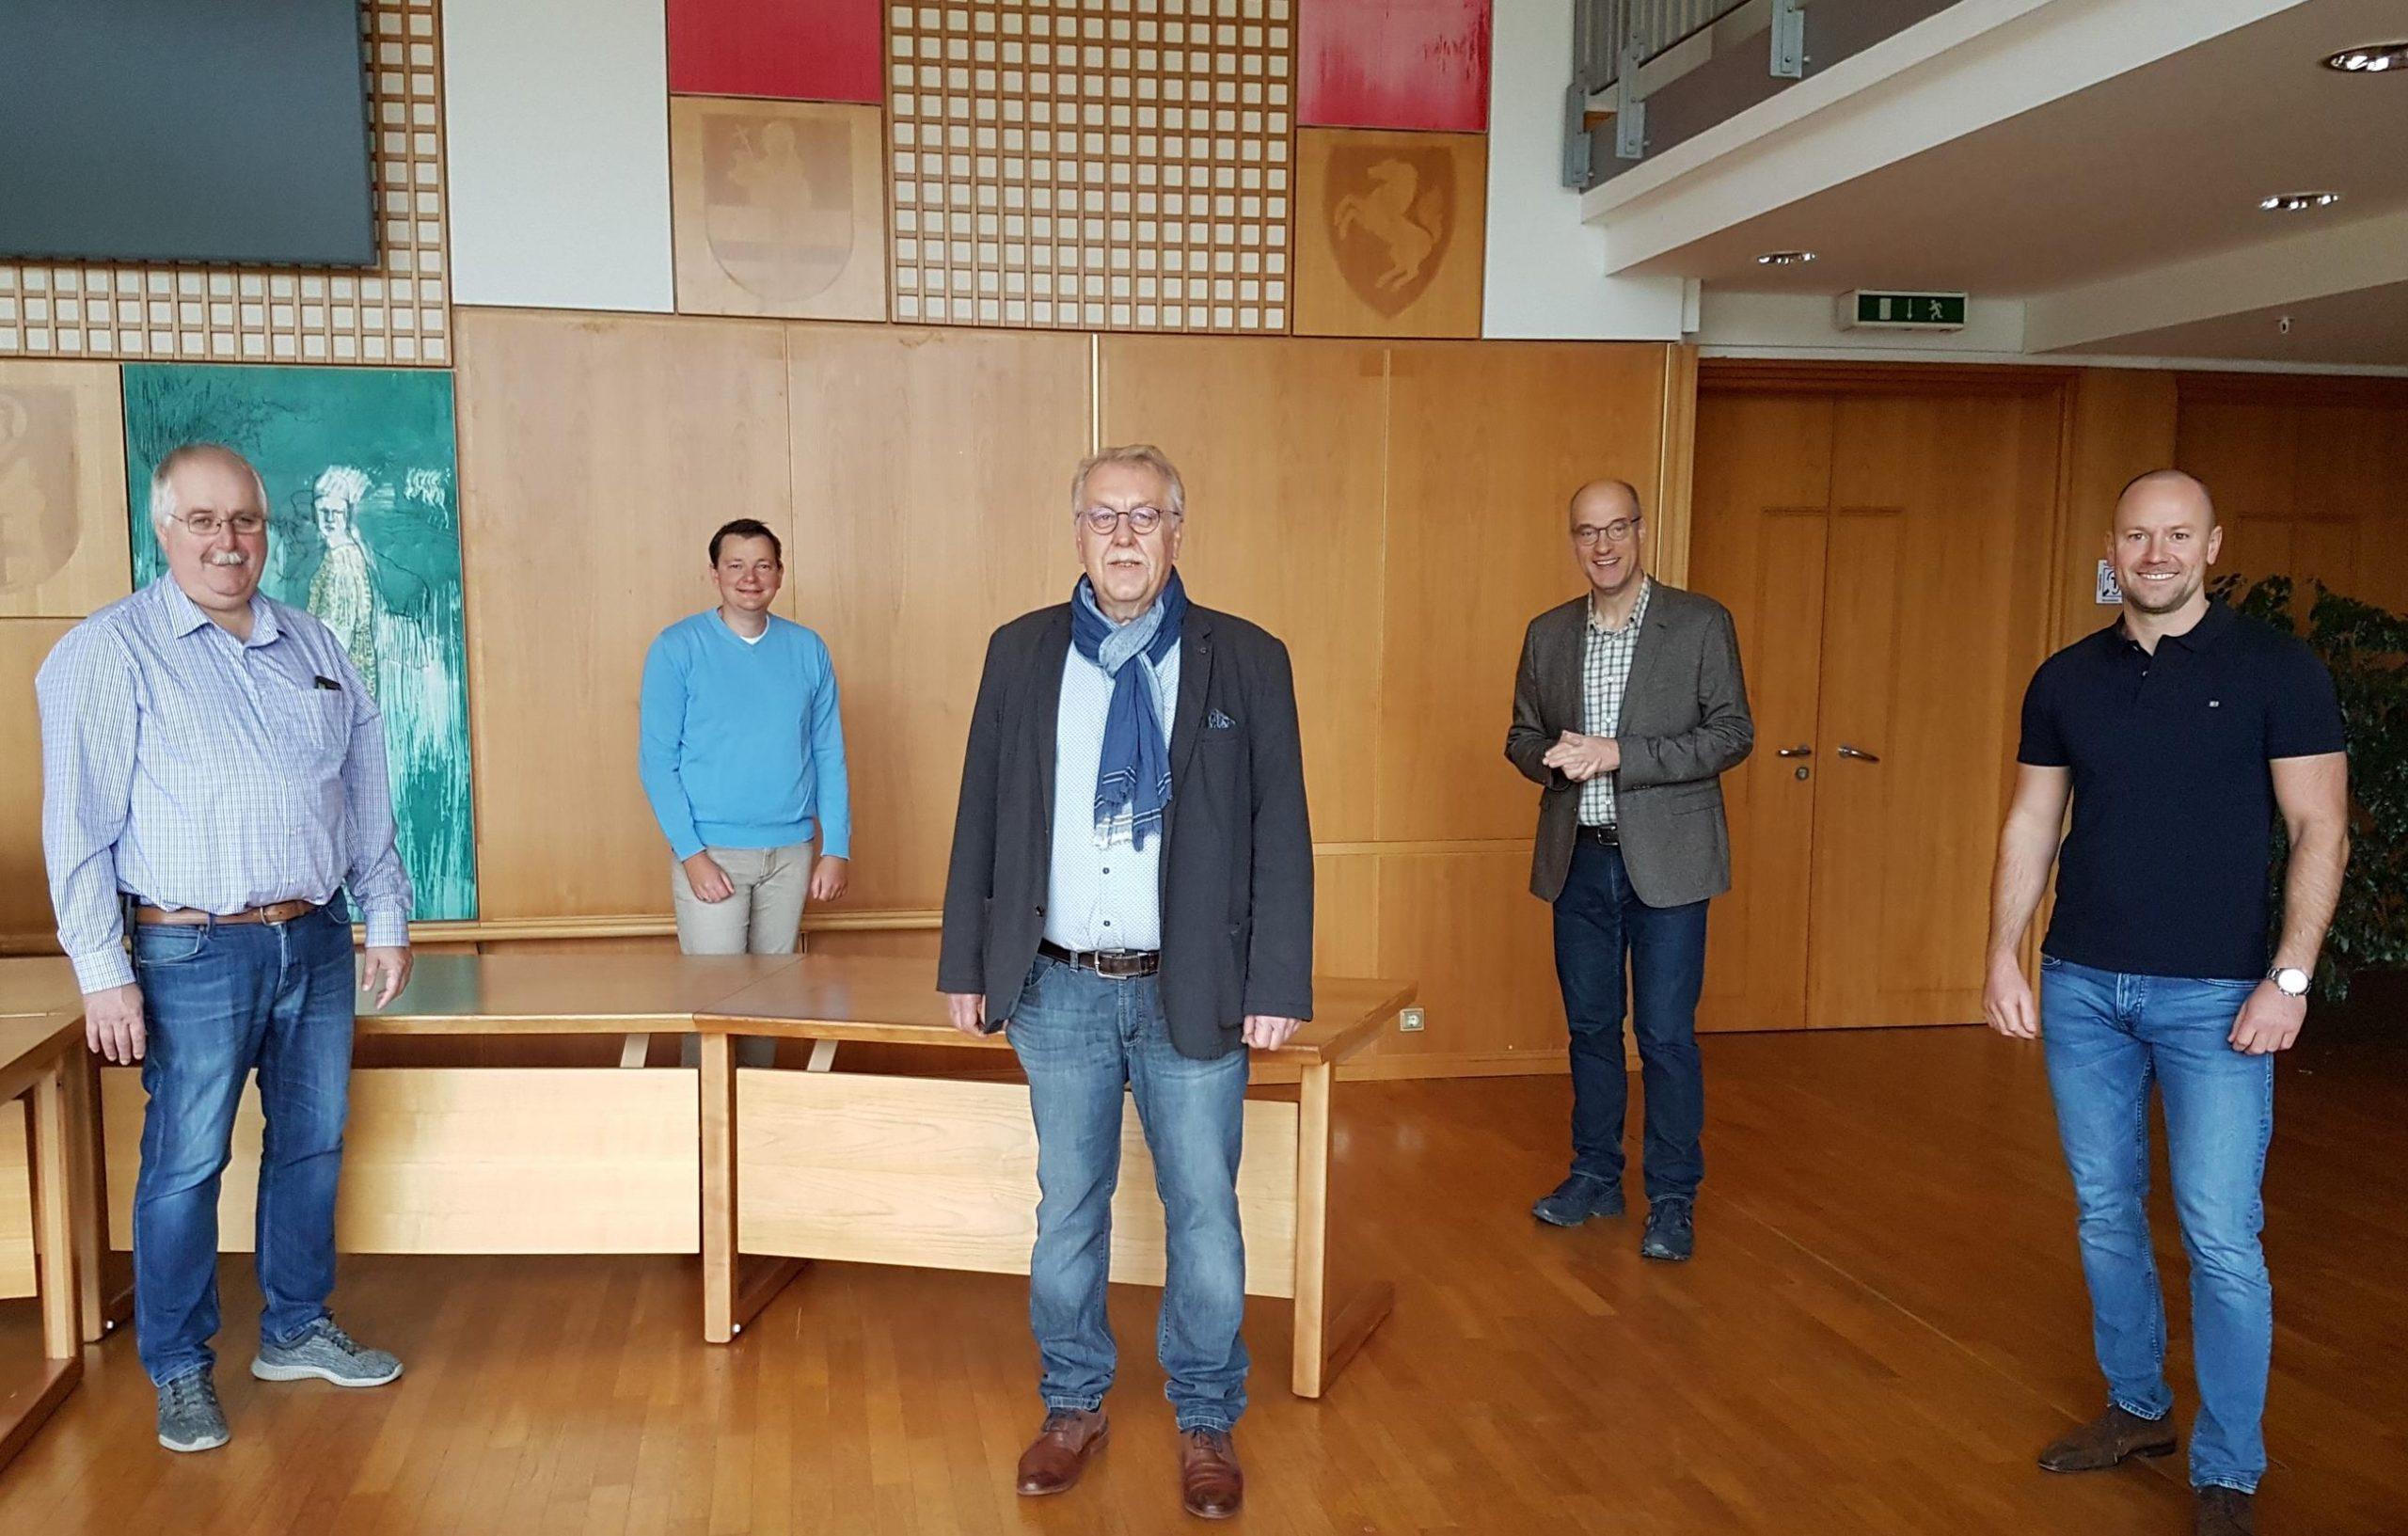 Fraktionsvorstand gewählt: CDU stellt Weichen für die nächste Wahlperiode